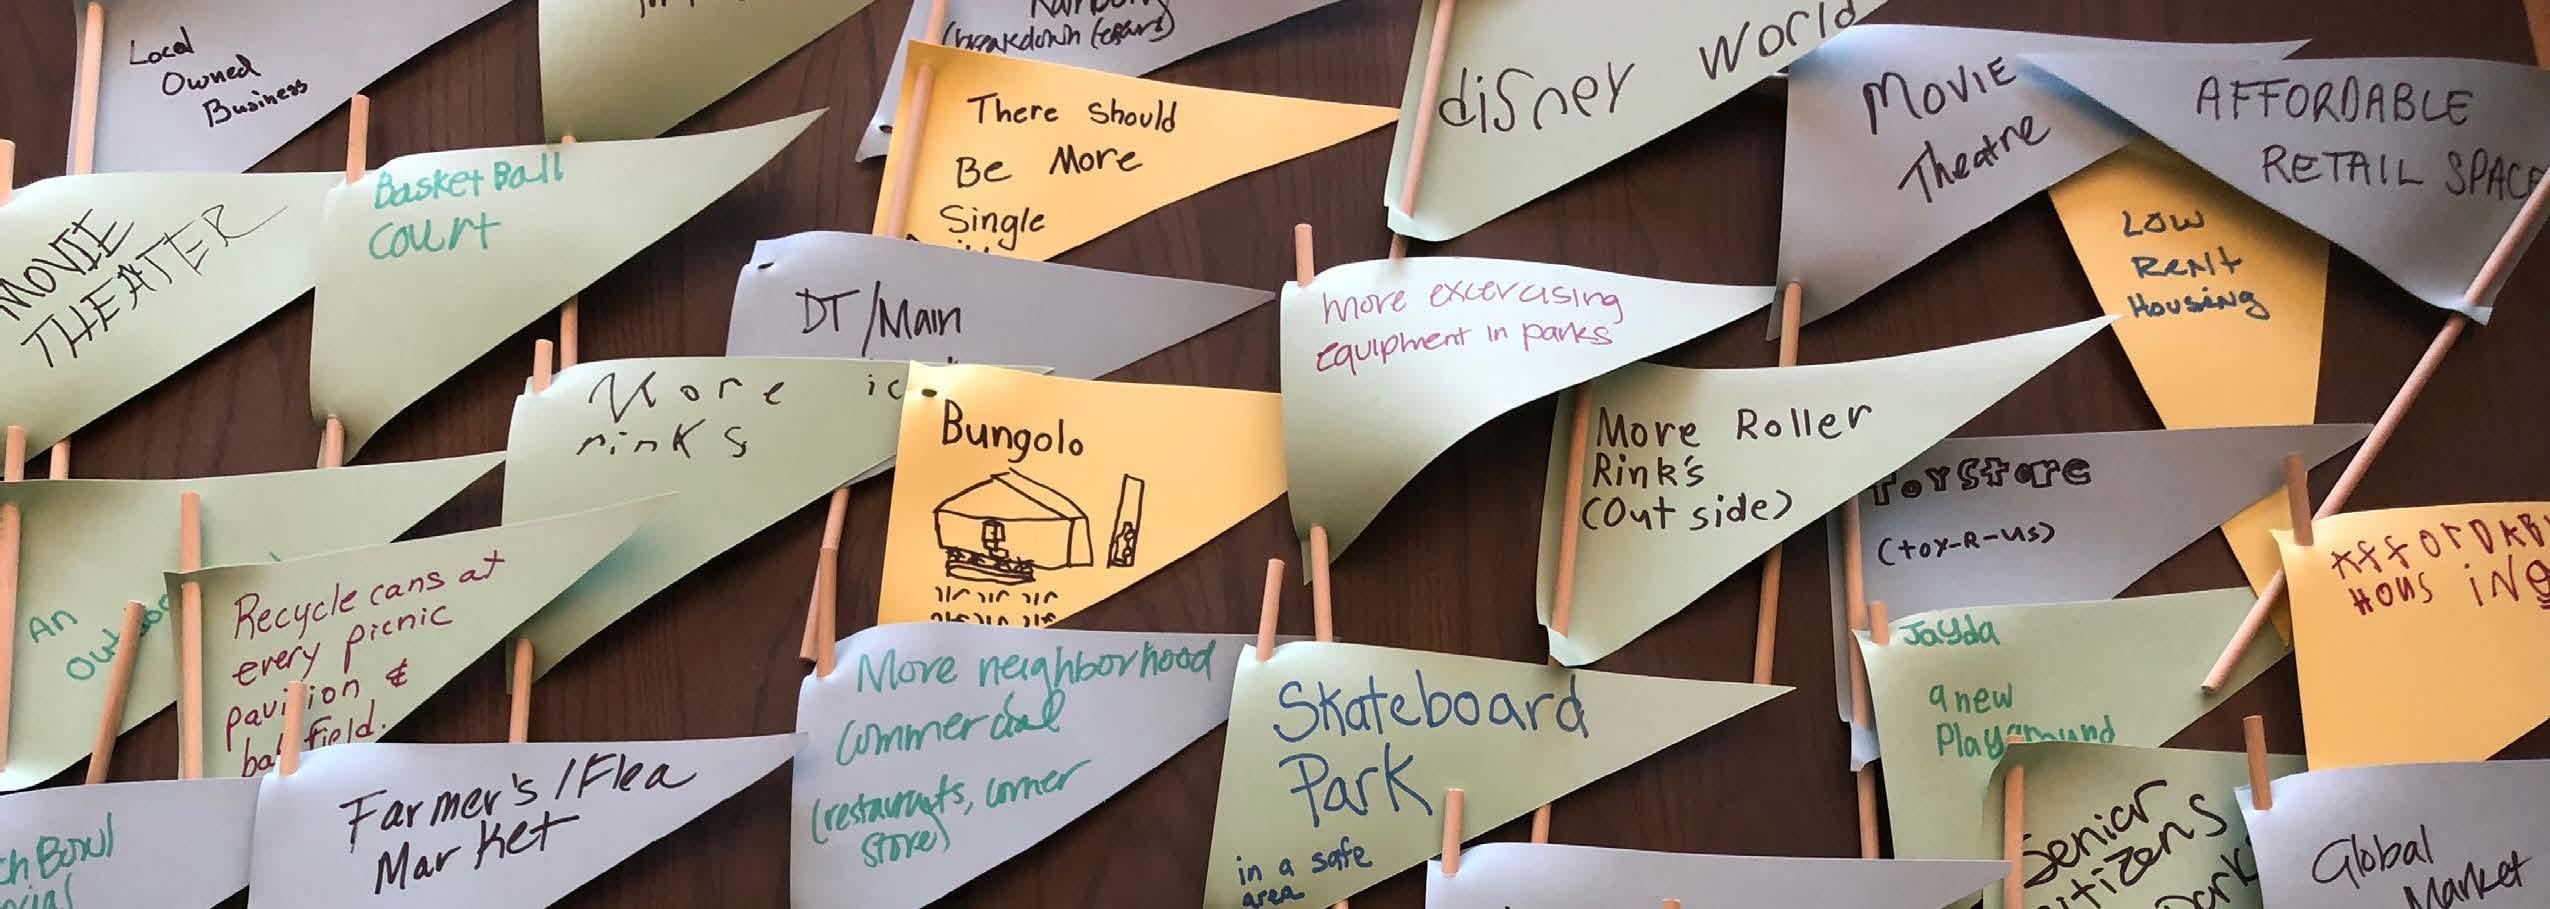 2040 Comprehensive Plan Comments